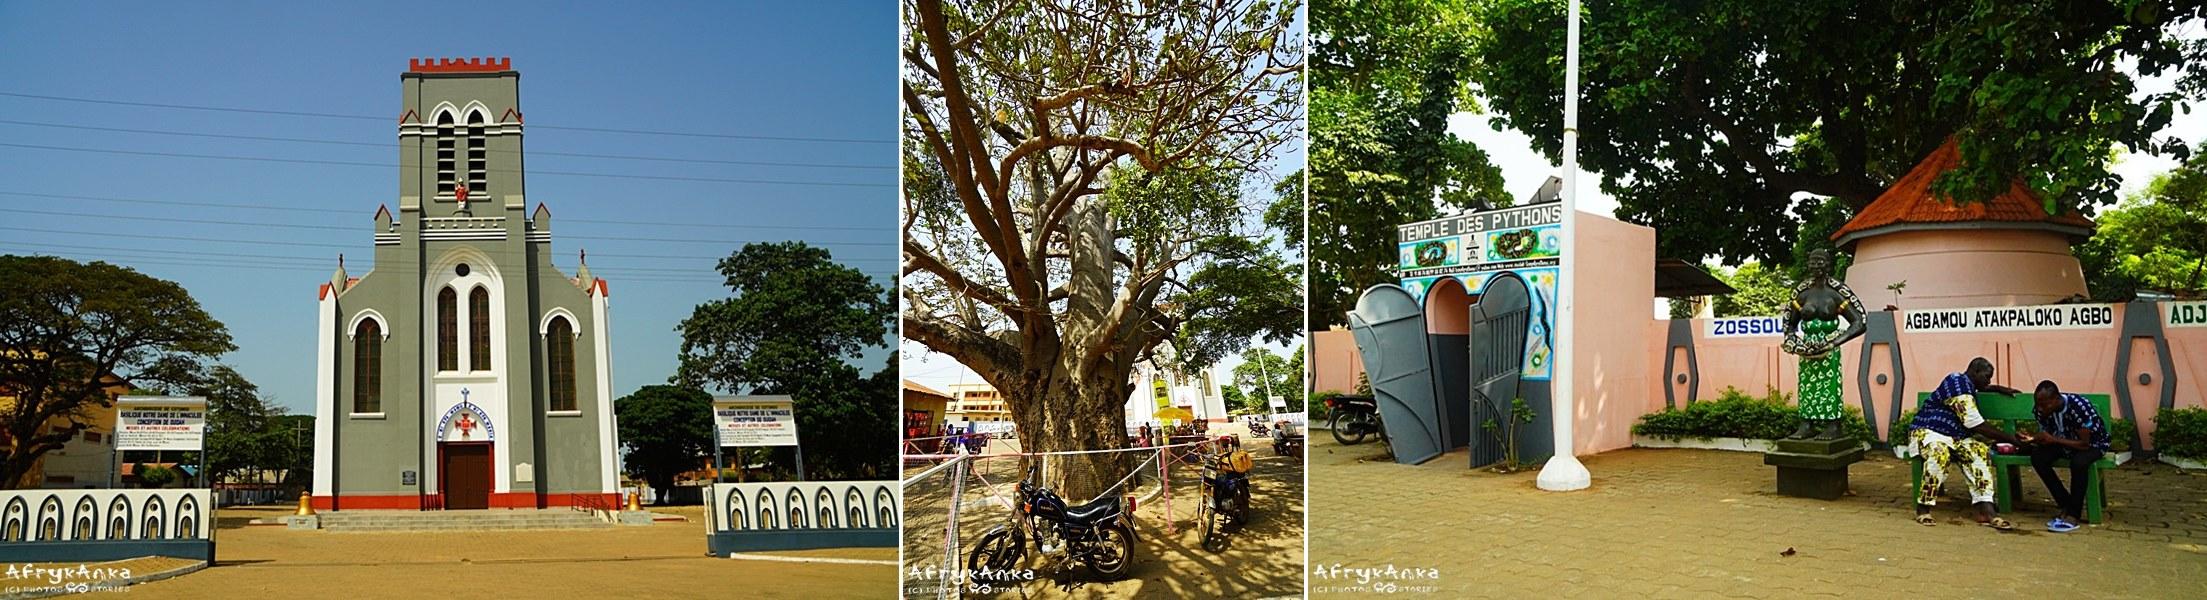 Kościół, baobab, świątynia pytonów - w zgodzie i obok siebie.